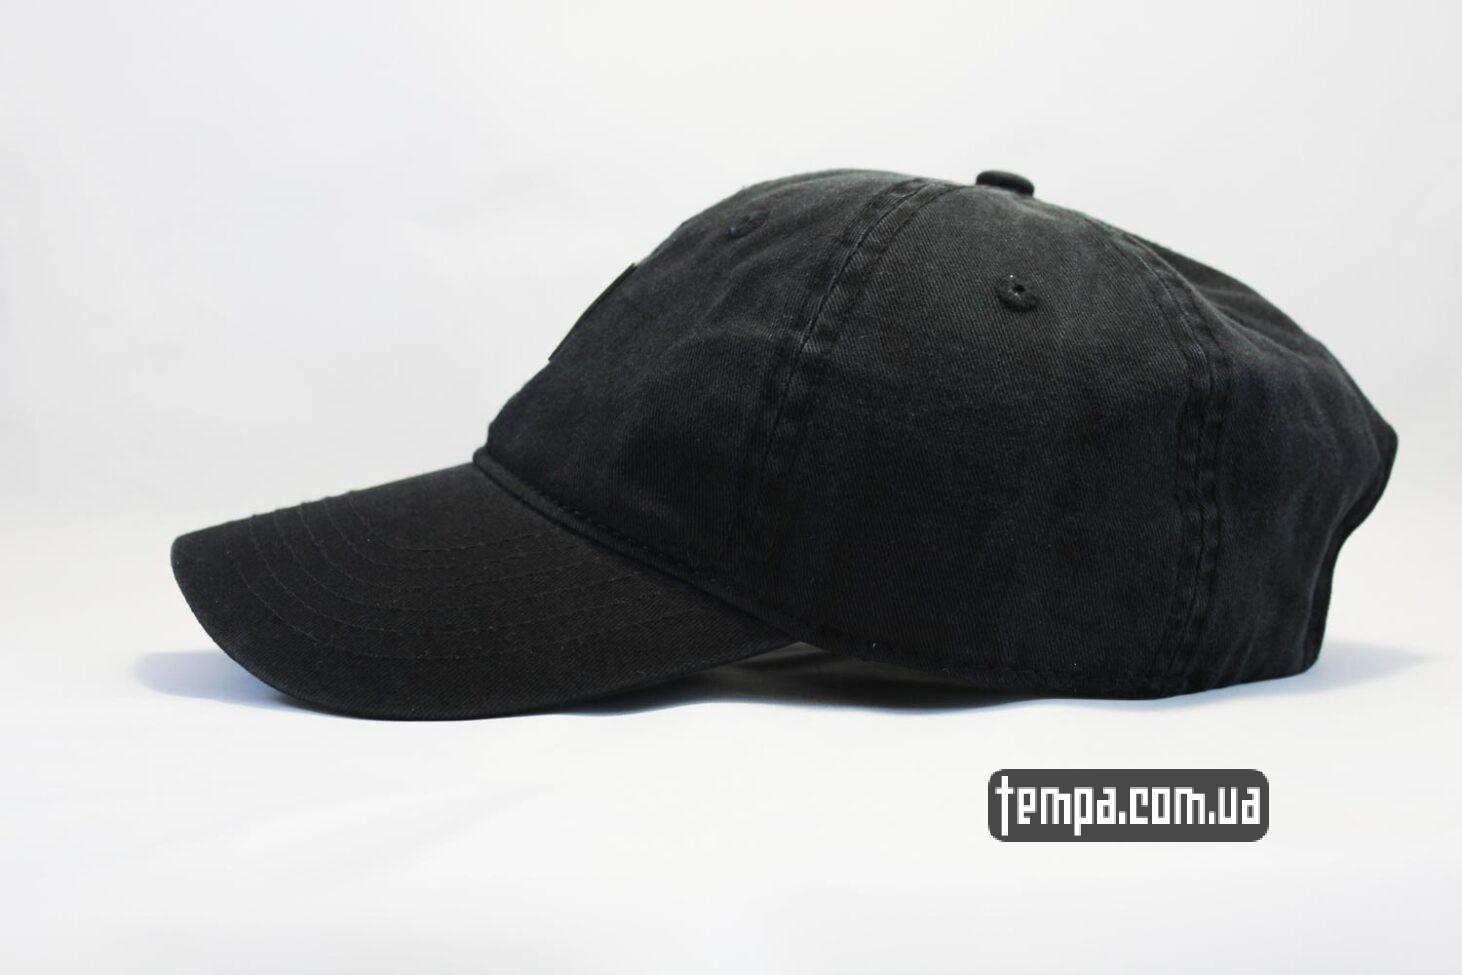 круглый козырек кепка бейсболка carhartt кожаный логтип черная